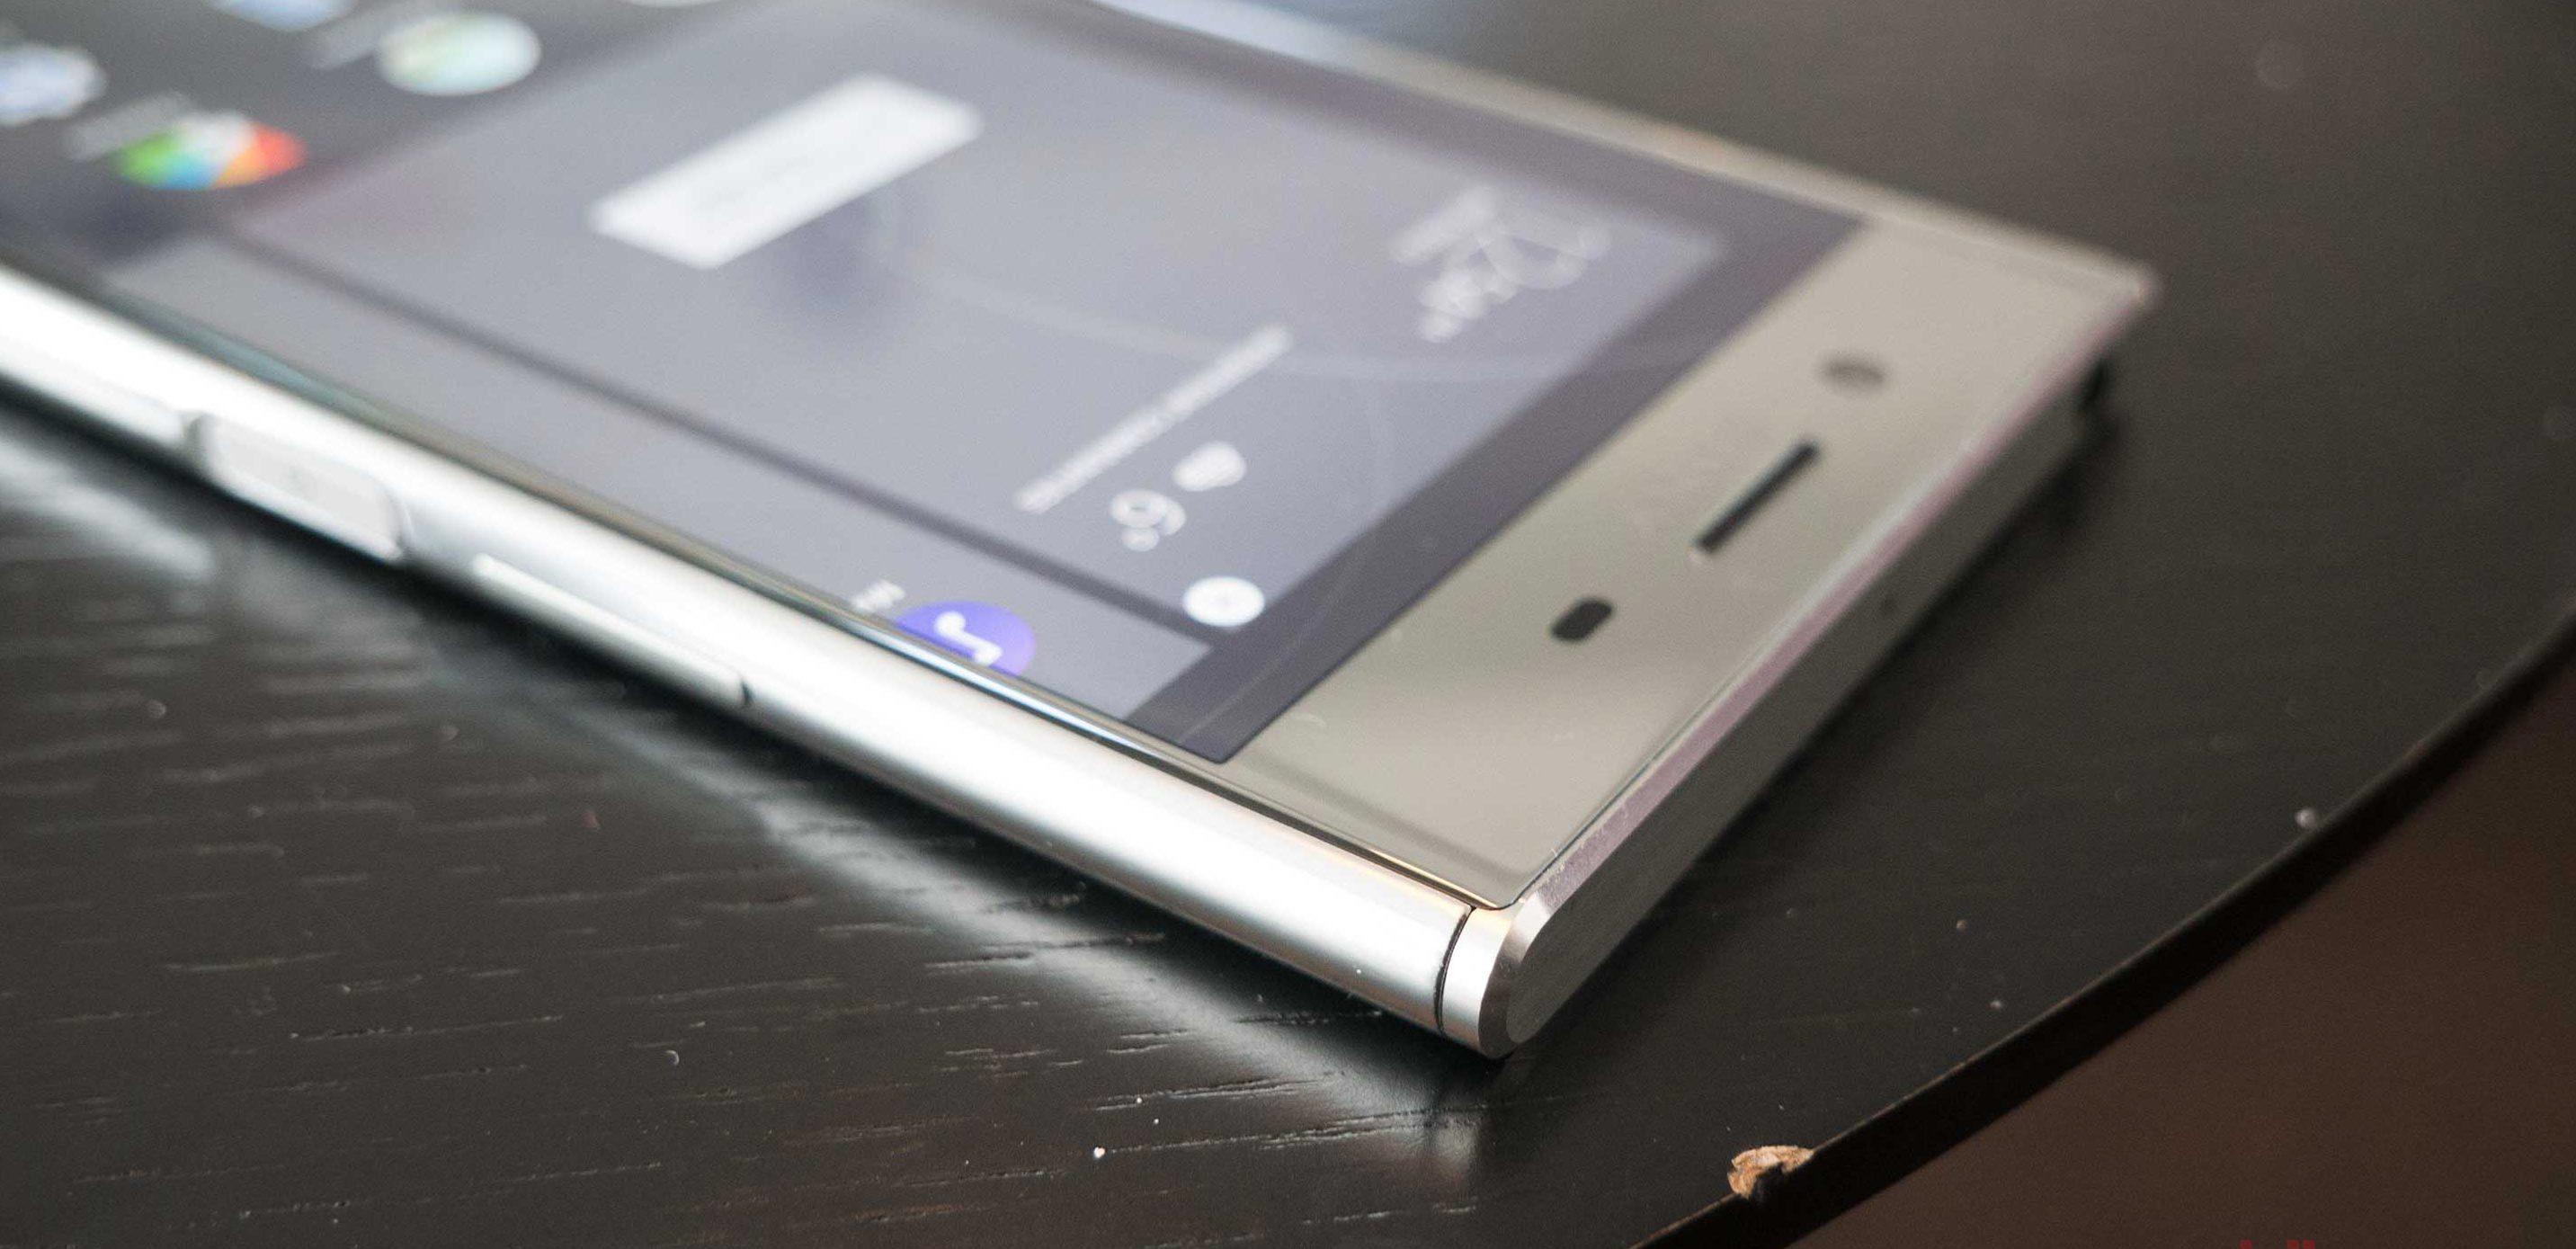 Thay kính Sony XZ Premium nên cam kết chất lượng cho người dùng